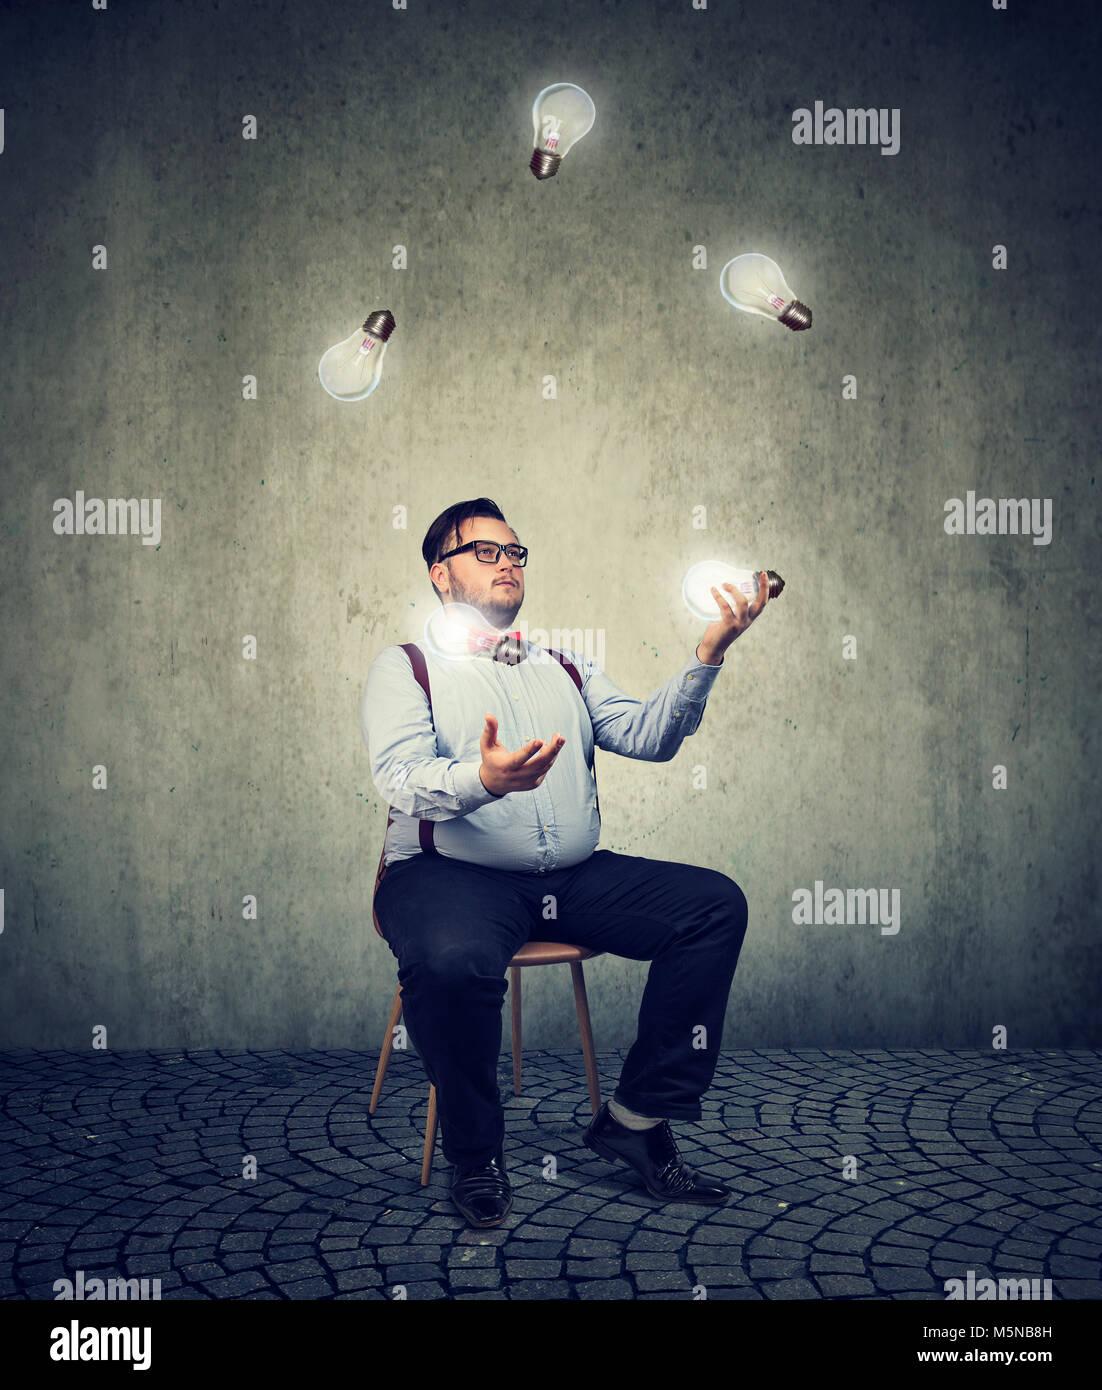 Jeune homme grassouillet assis sur une chaise et jonglant avec les ampoules étant genius. Photo Stock